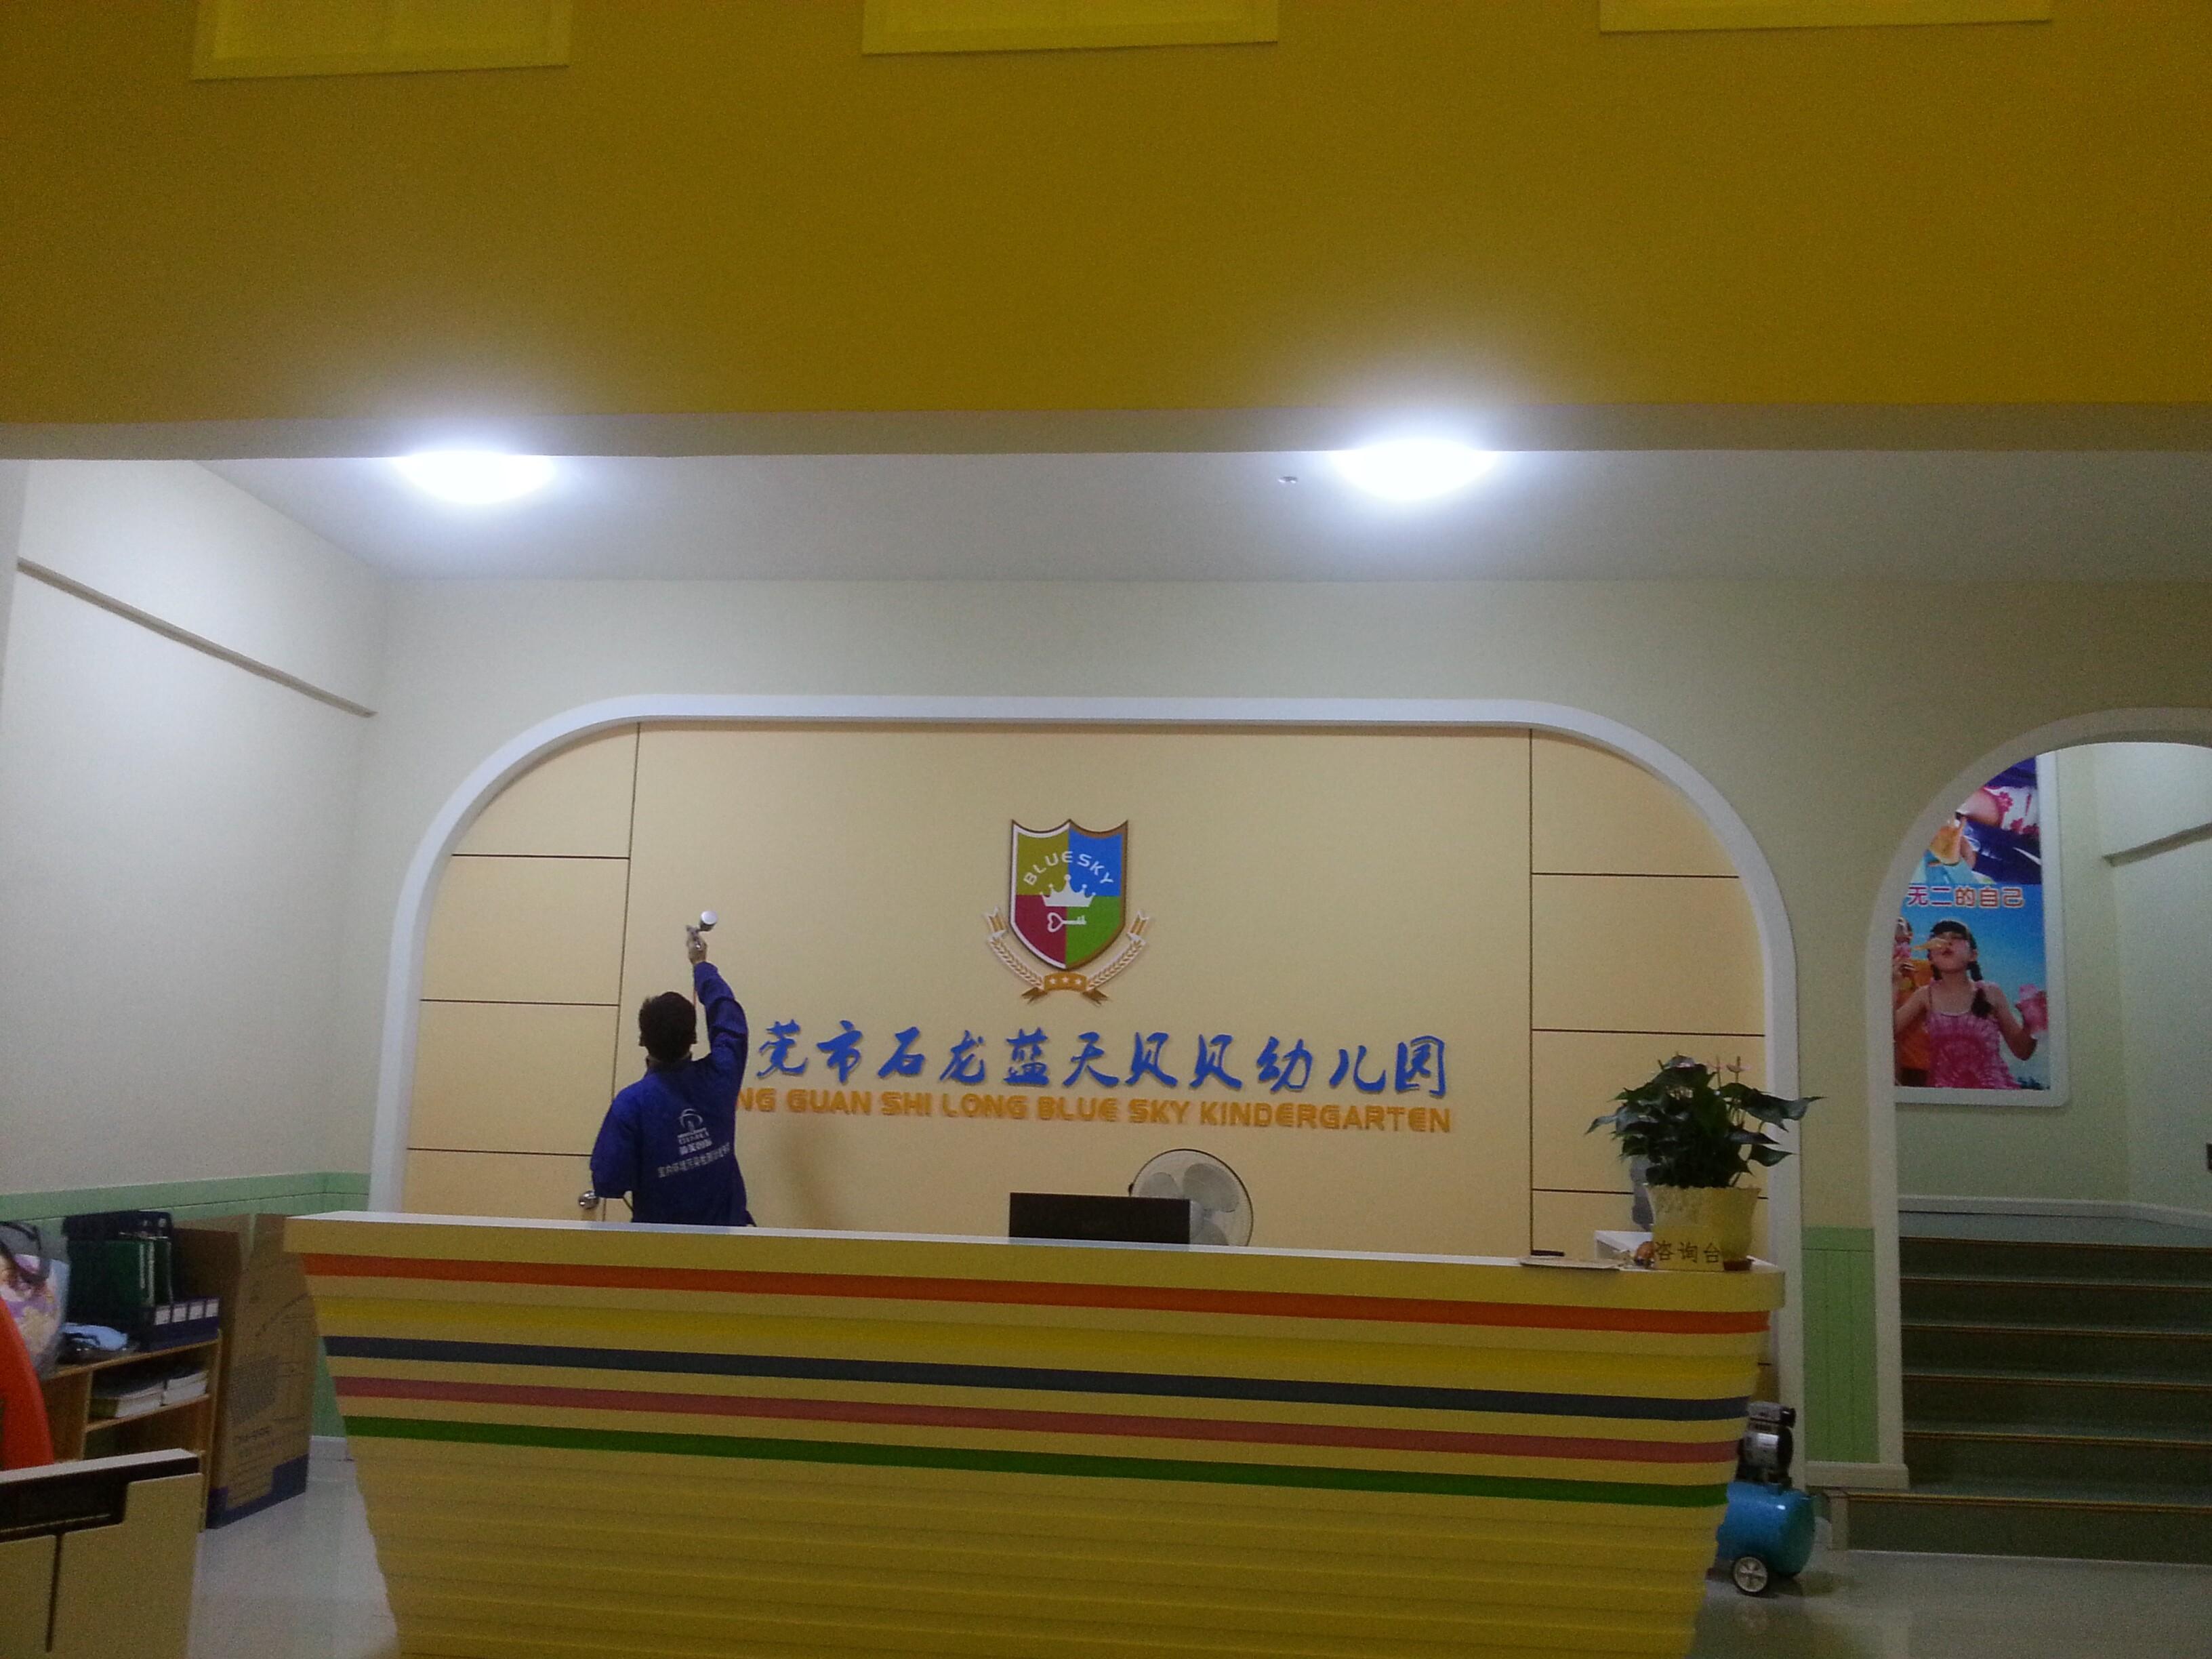 蓝天贝贝幼儿园治理工程